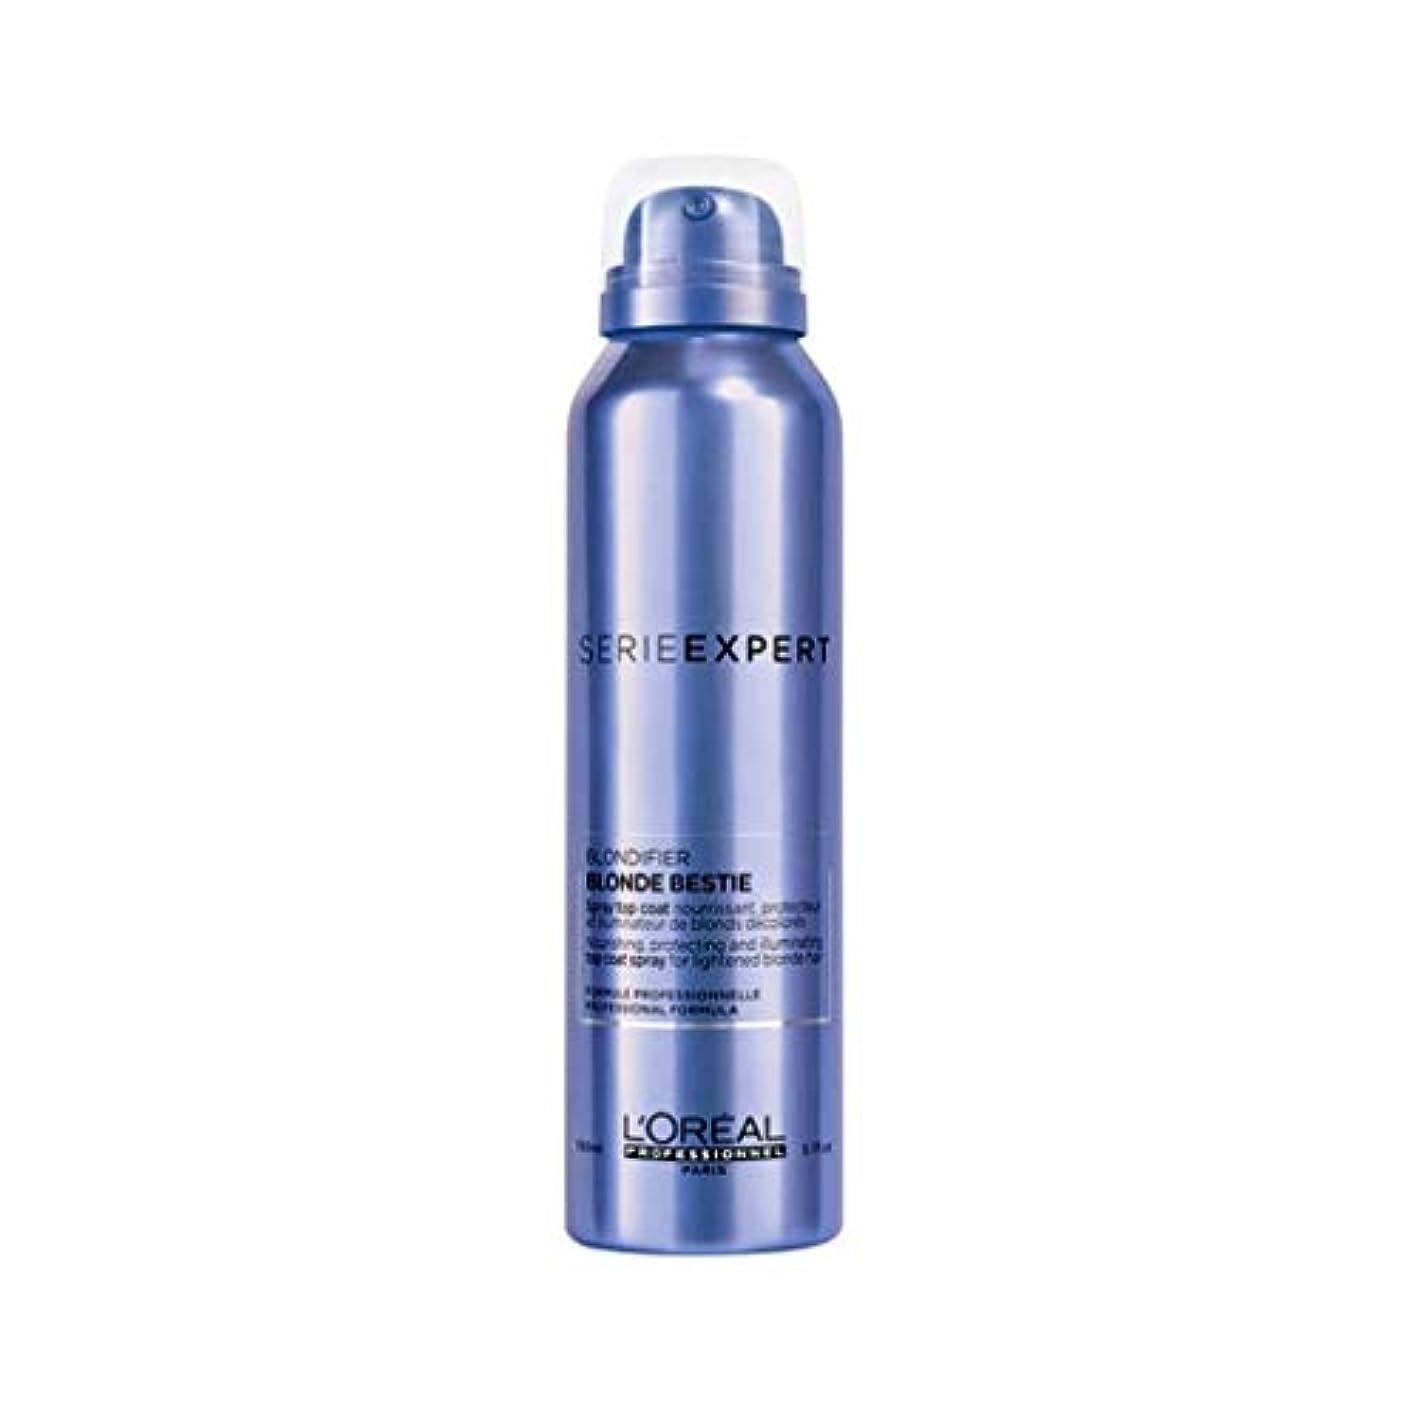 ネイティブ重荷不愉快にロレアル セリエ エクスパート ブロンディファイア ブロンド ベスティー スプレー L'Oreal Serie Expert Blondifier Blond Bestie Spray 150 ml [並行輸入品]